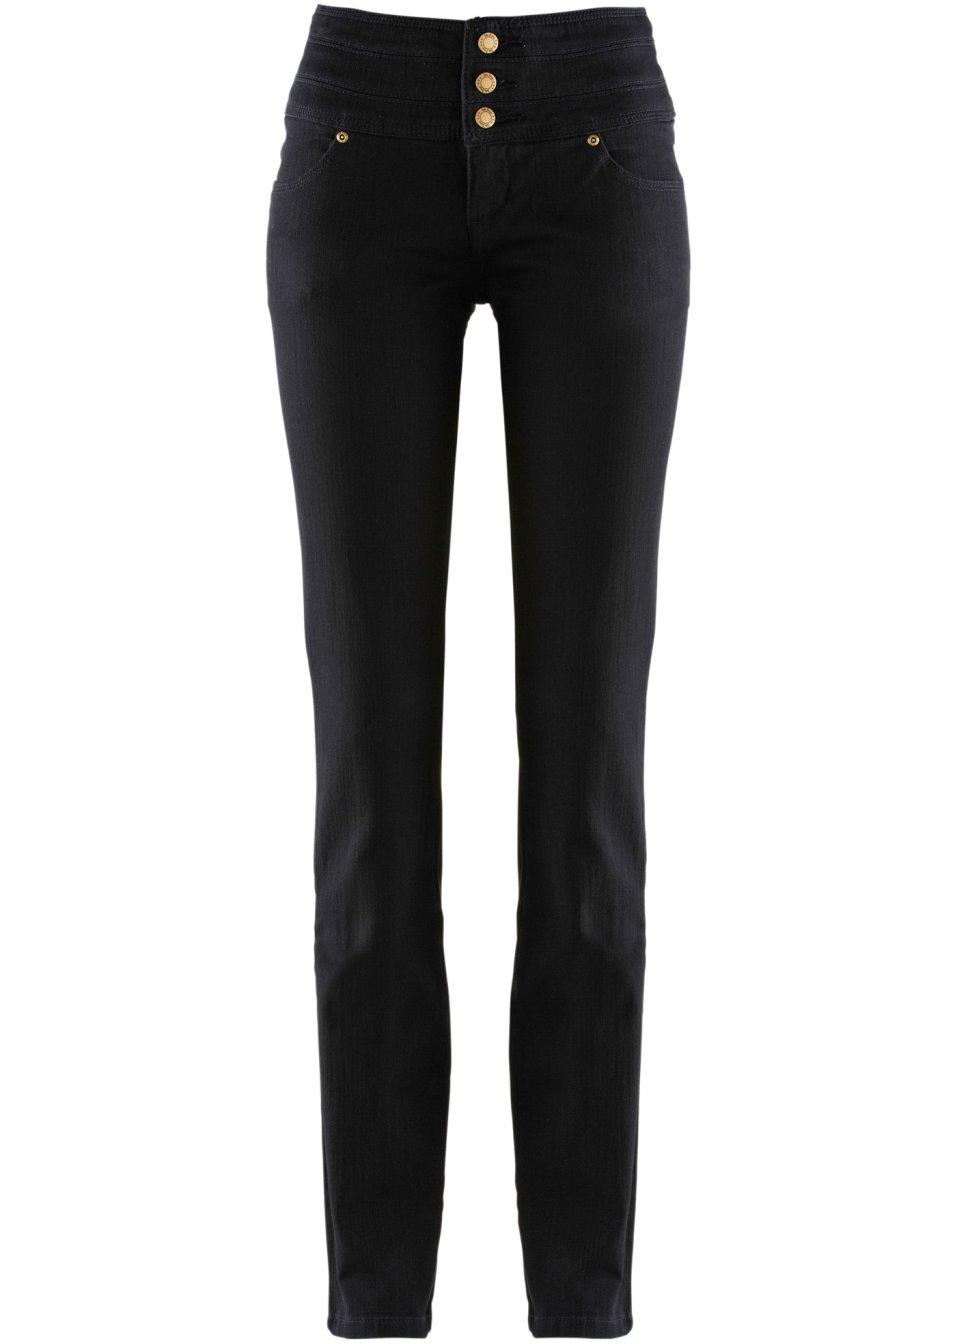 wohlf hlen in denim stretch jeans mit extrabreitem bund. Black Bedroom Furniture Sets. Home Design Ideas